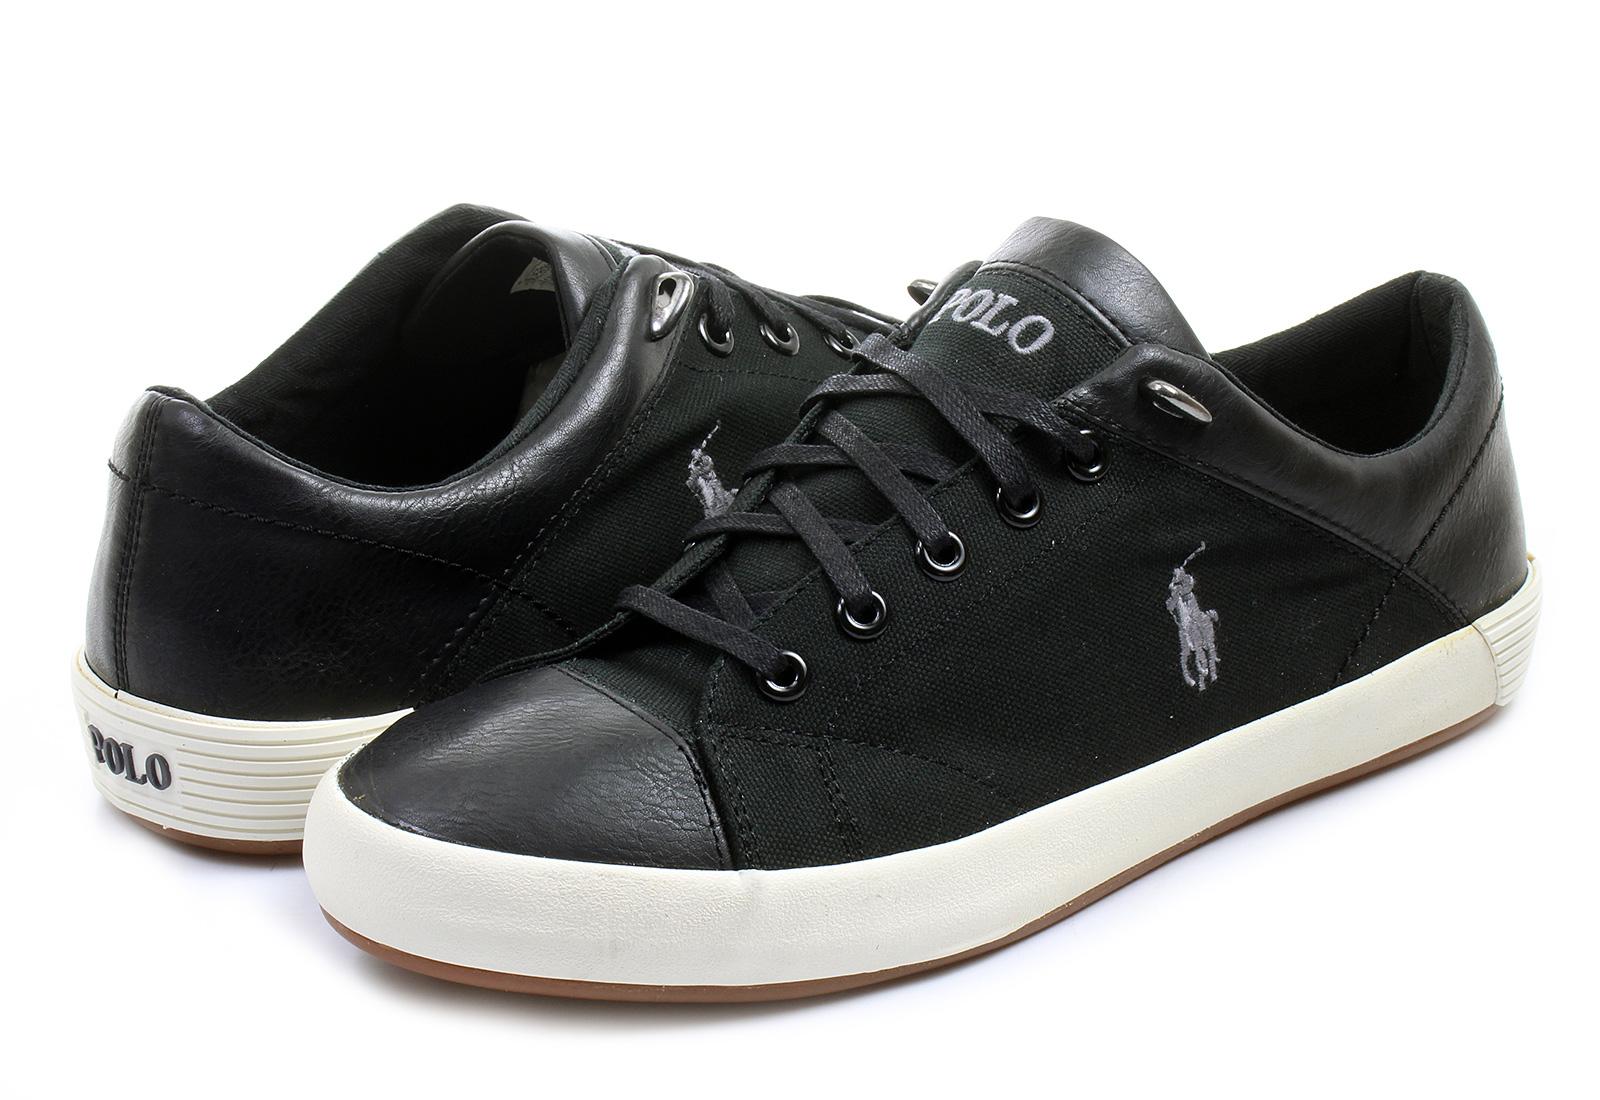 e4953a3644 Polo Ralph Lauren Cipő - Jerom - 2061-C-A00PB - Office Shoes ...